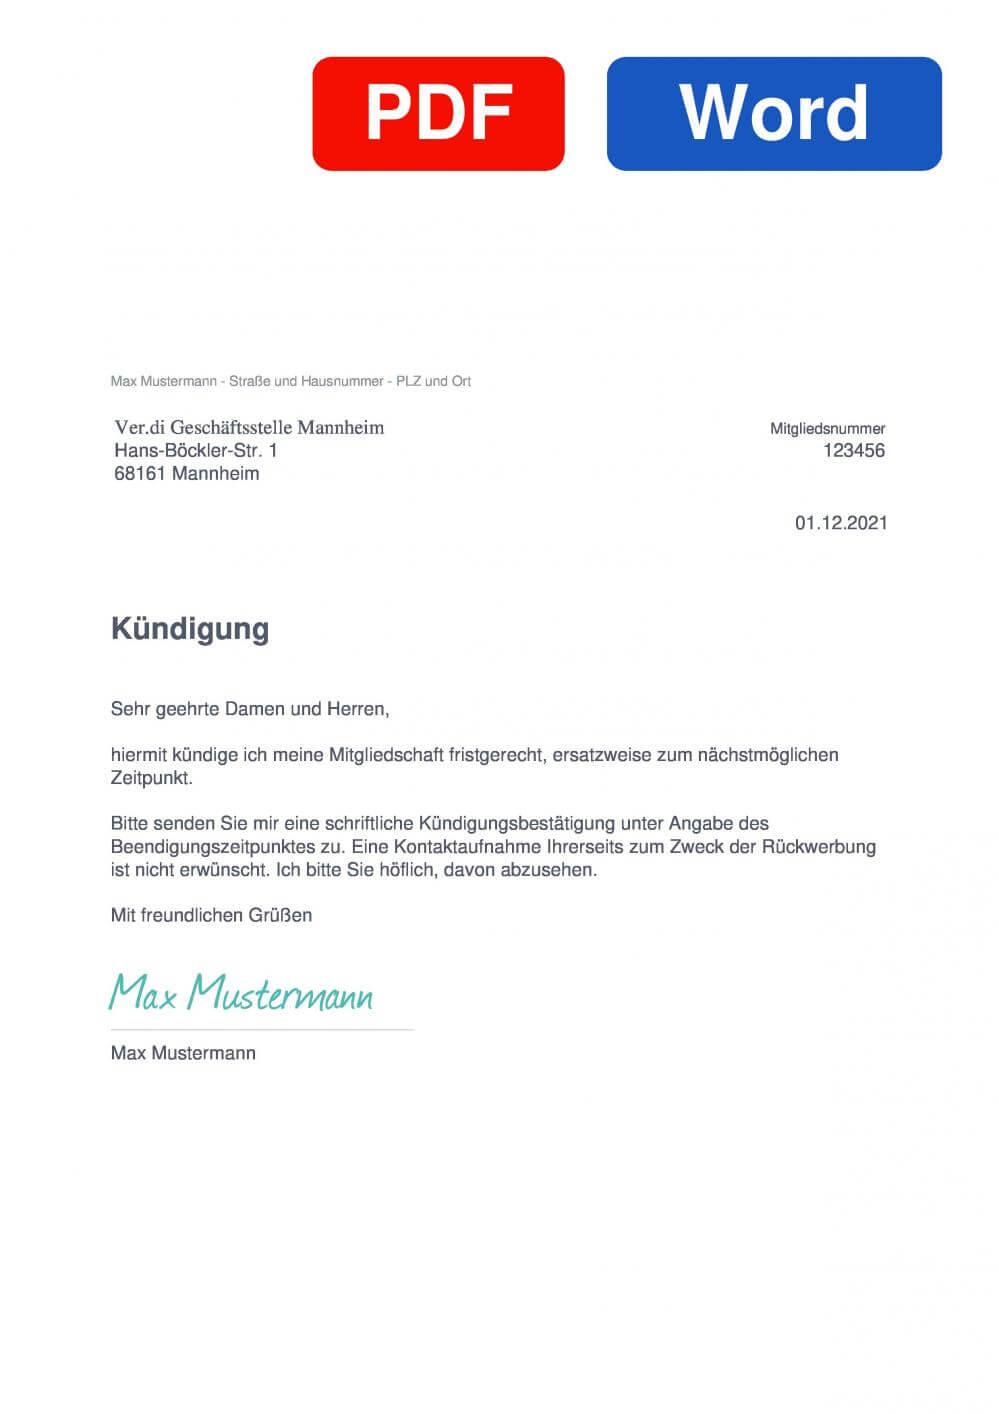 Verdi Mannheim Muster Vorlage für Kündigungsschreiben